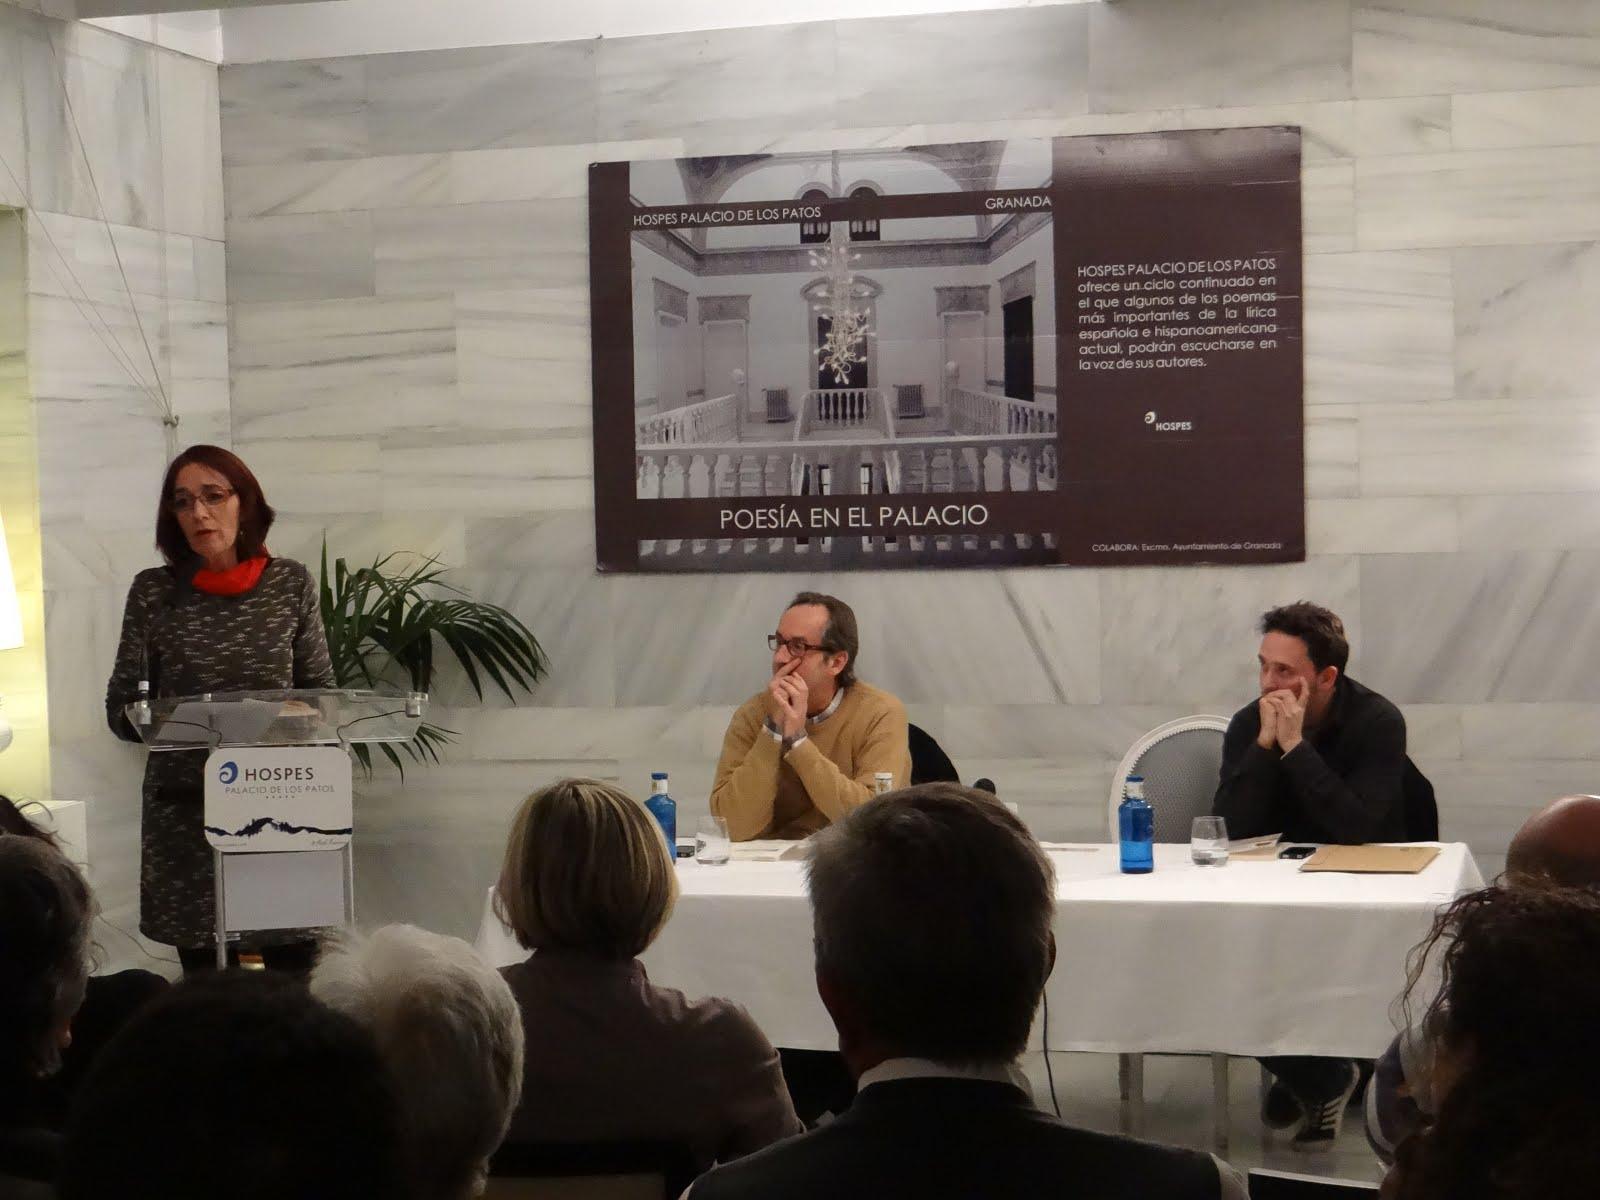 Presentación en Granada en el Palacio de los Patos